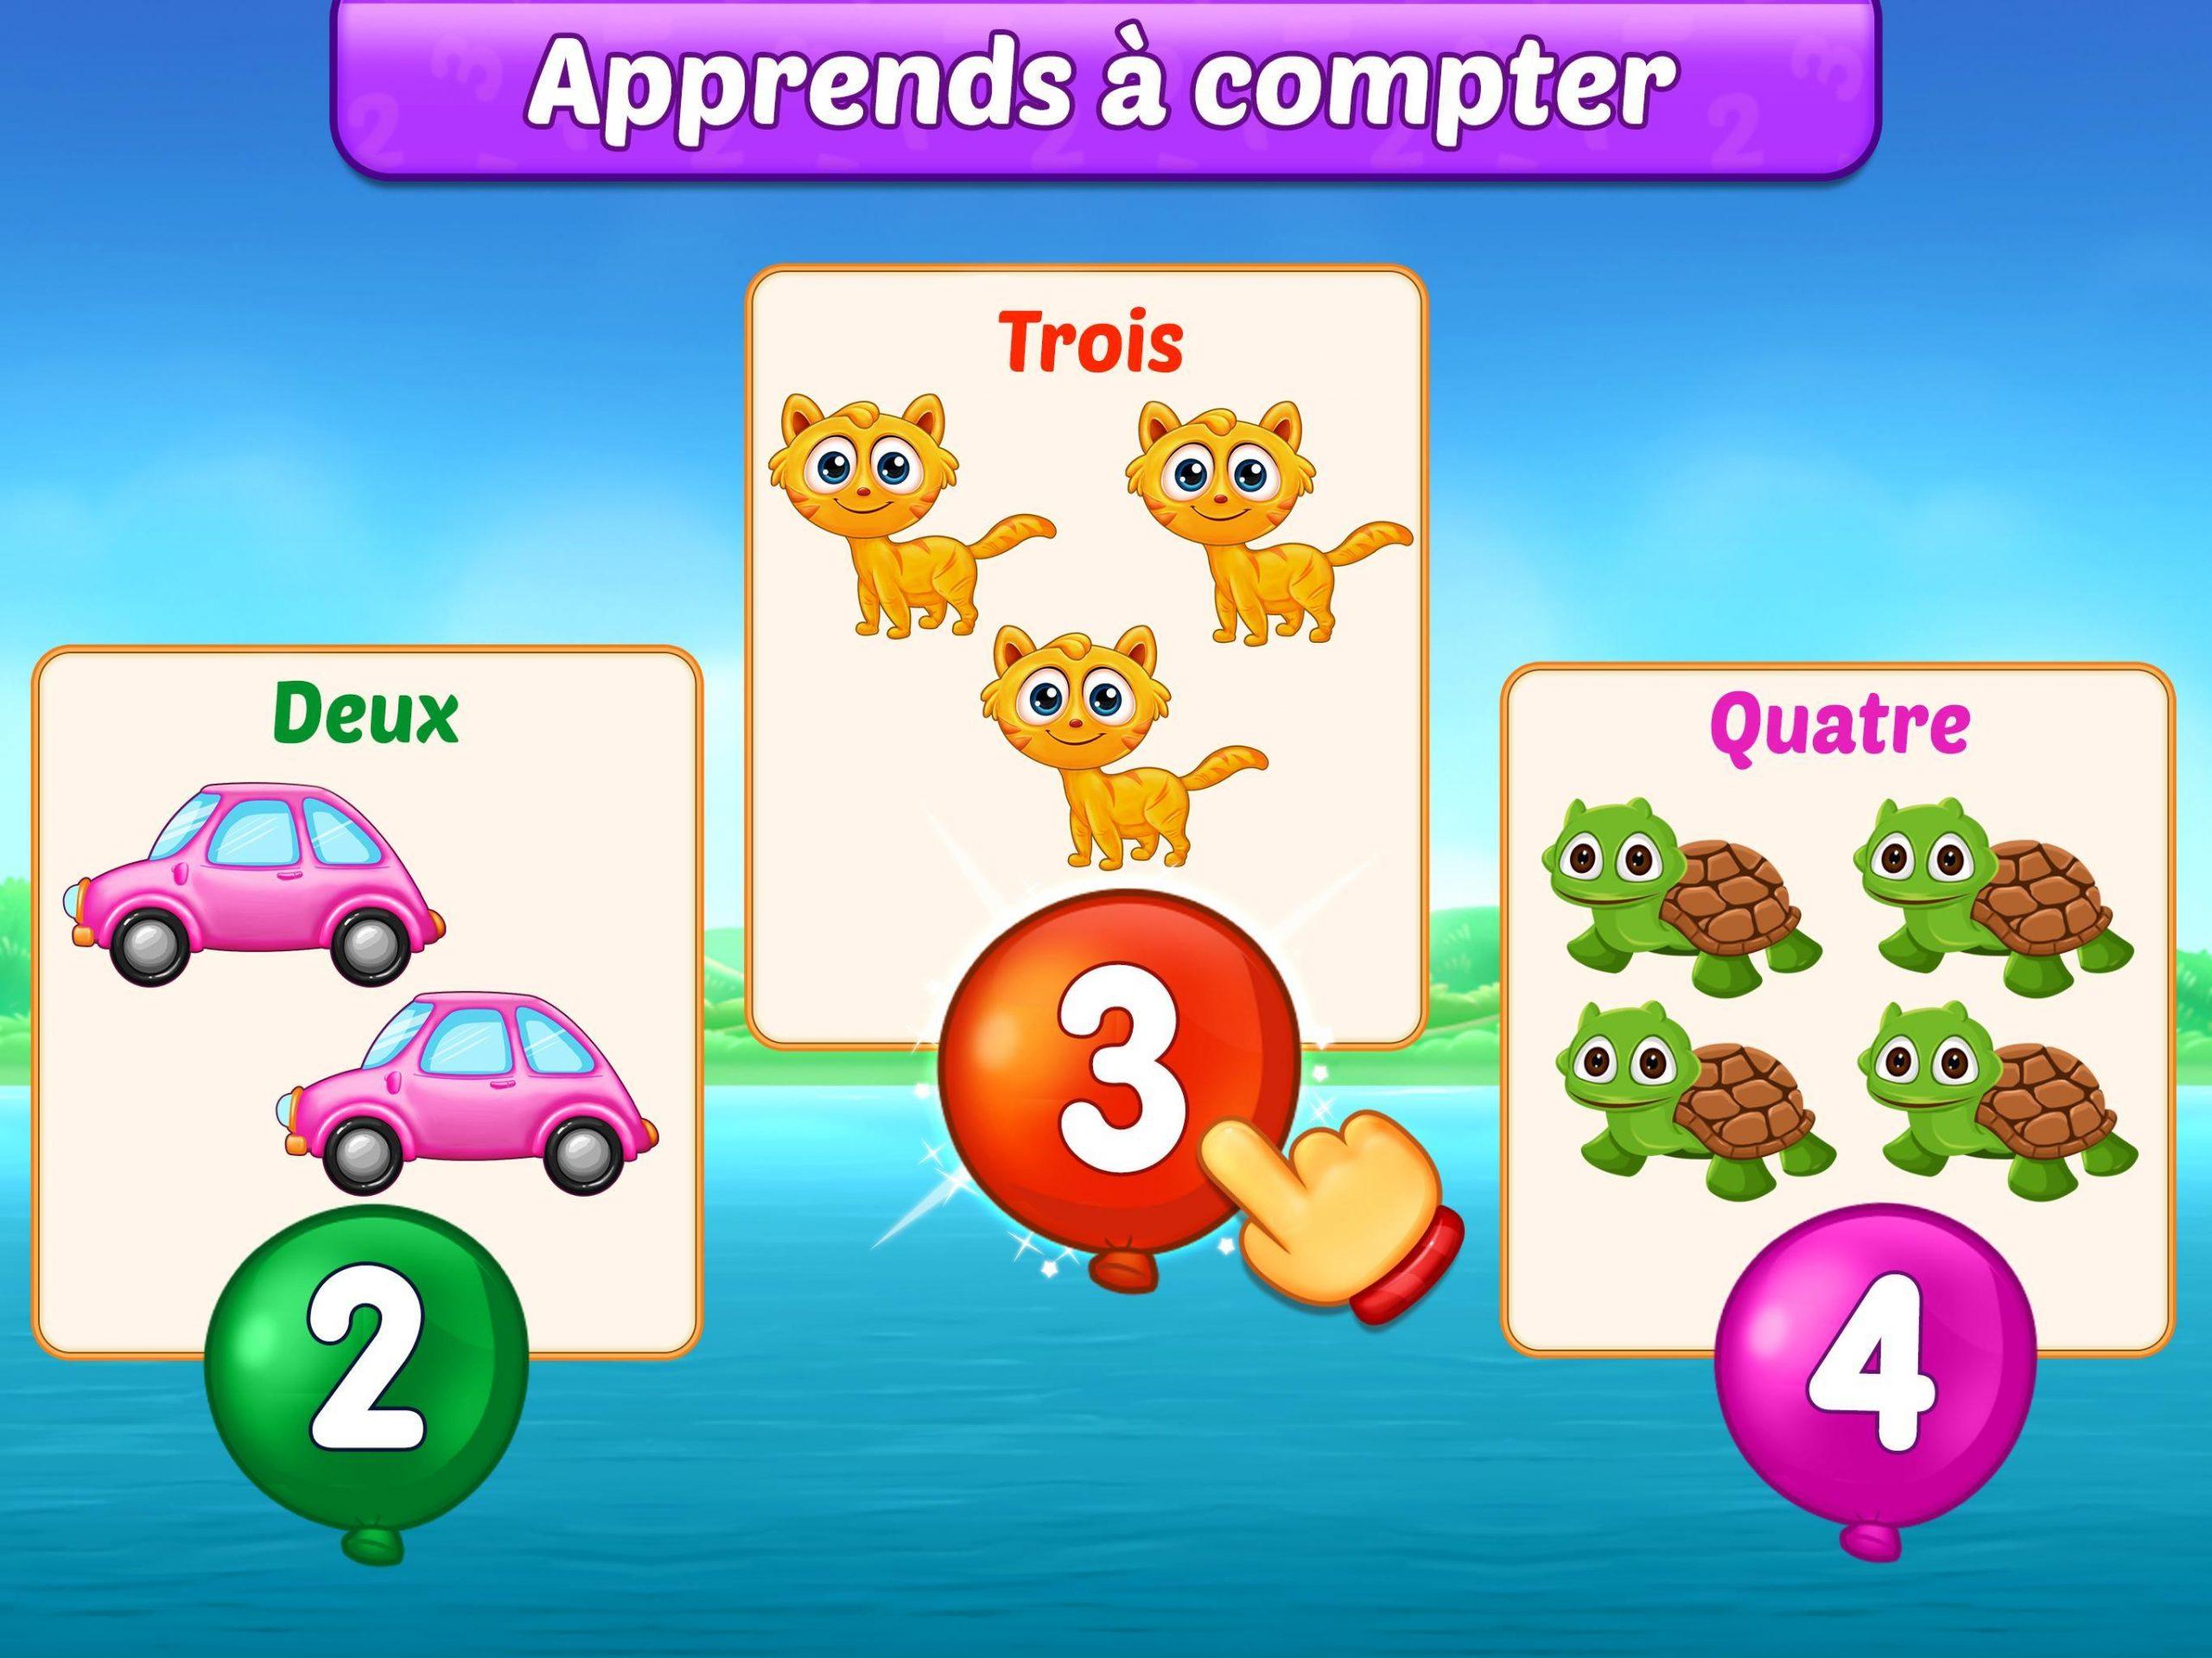 Jeux De Maths Enfants - Addition Et Soustraction Pour pour Jeux De Maths Gratuit